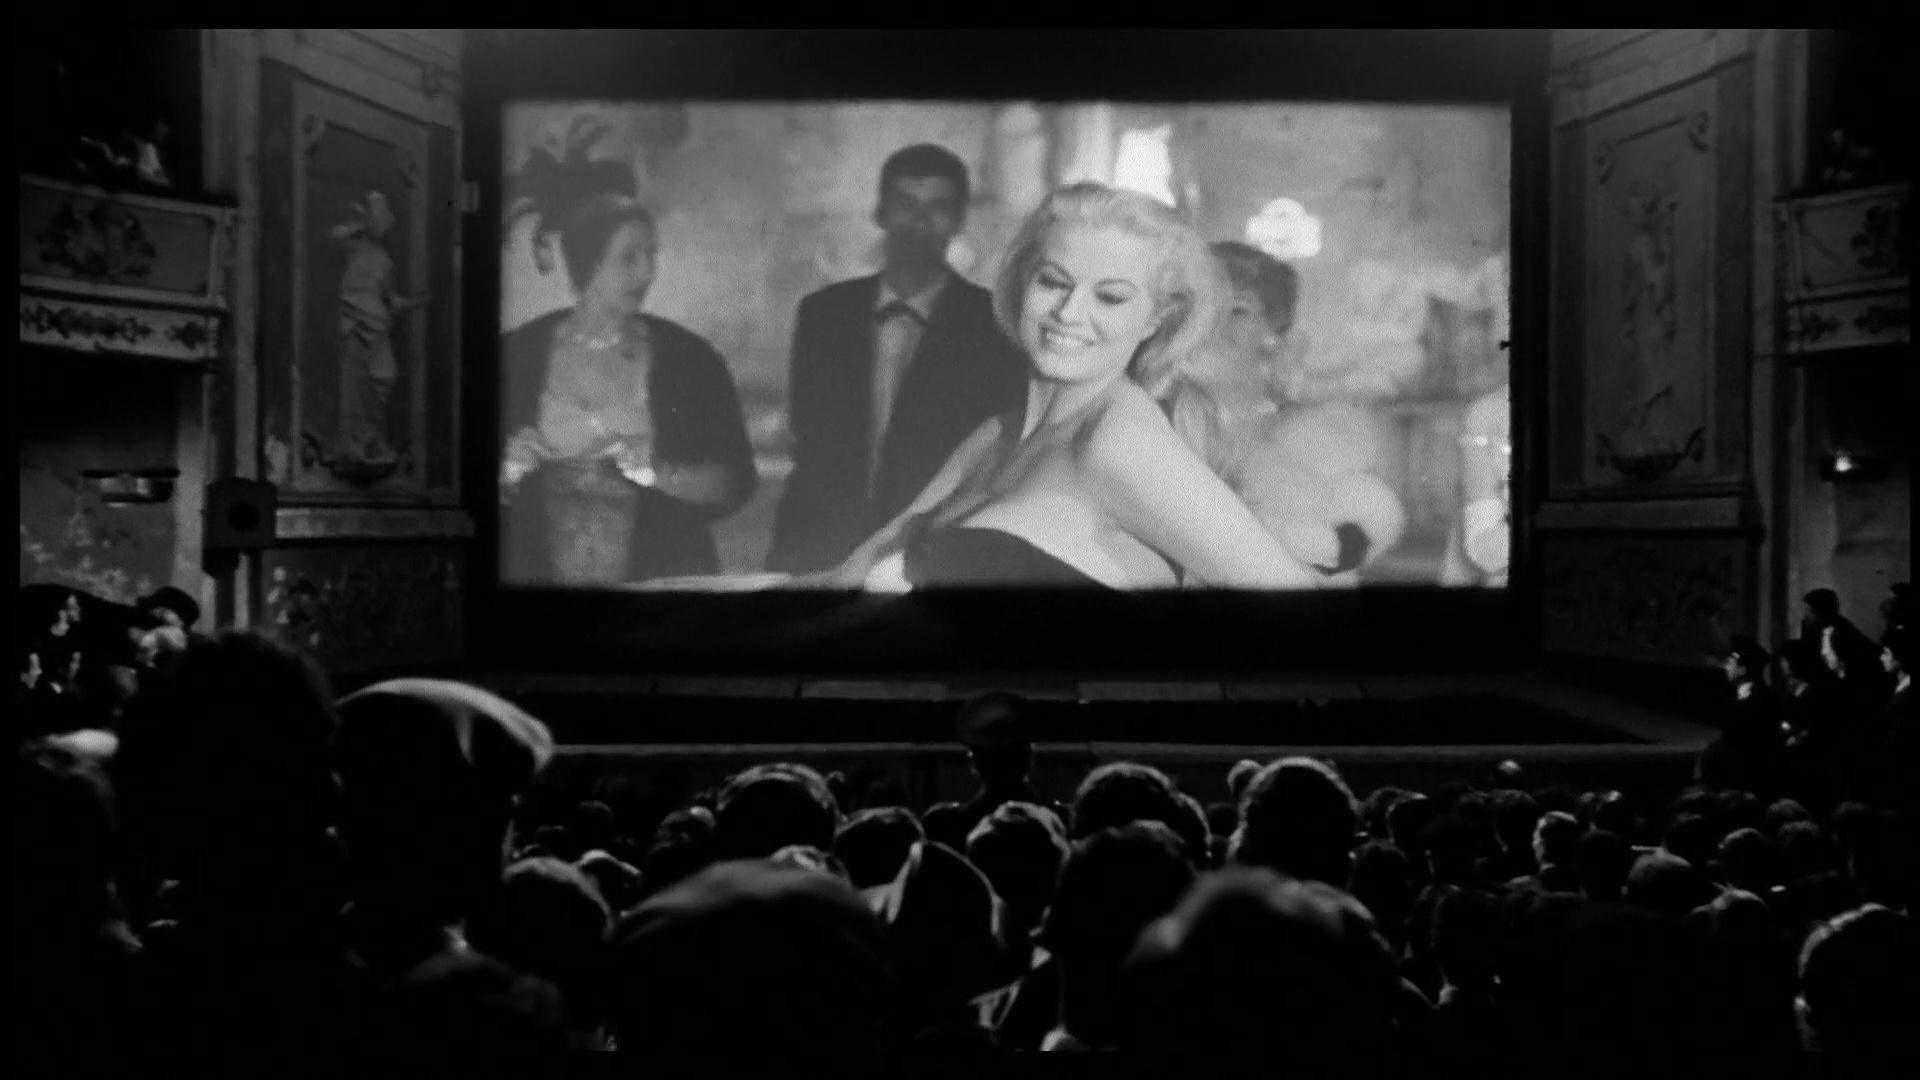 Films in Films Tag Federico Fellini 1920x1080